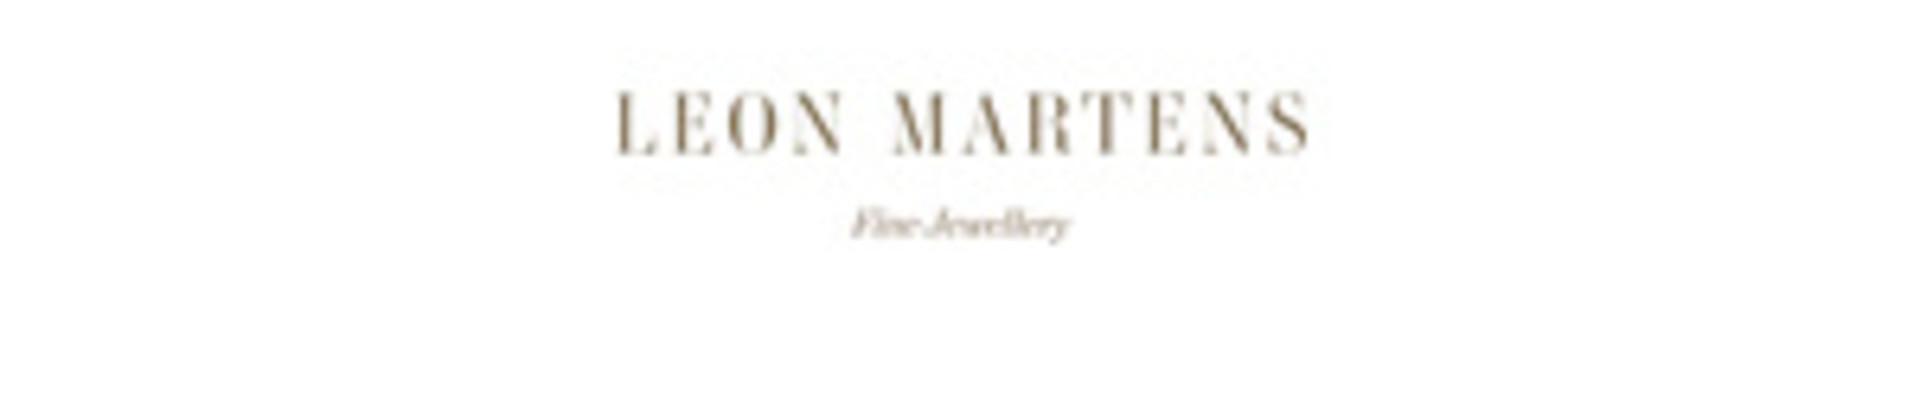 Significant Leon Martens Juwelier